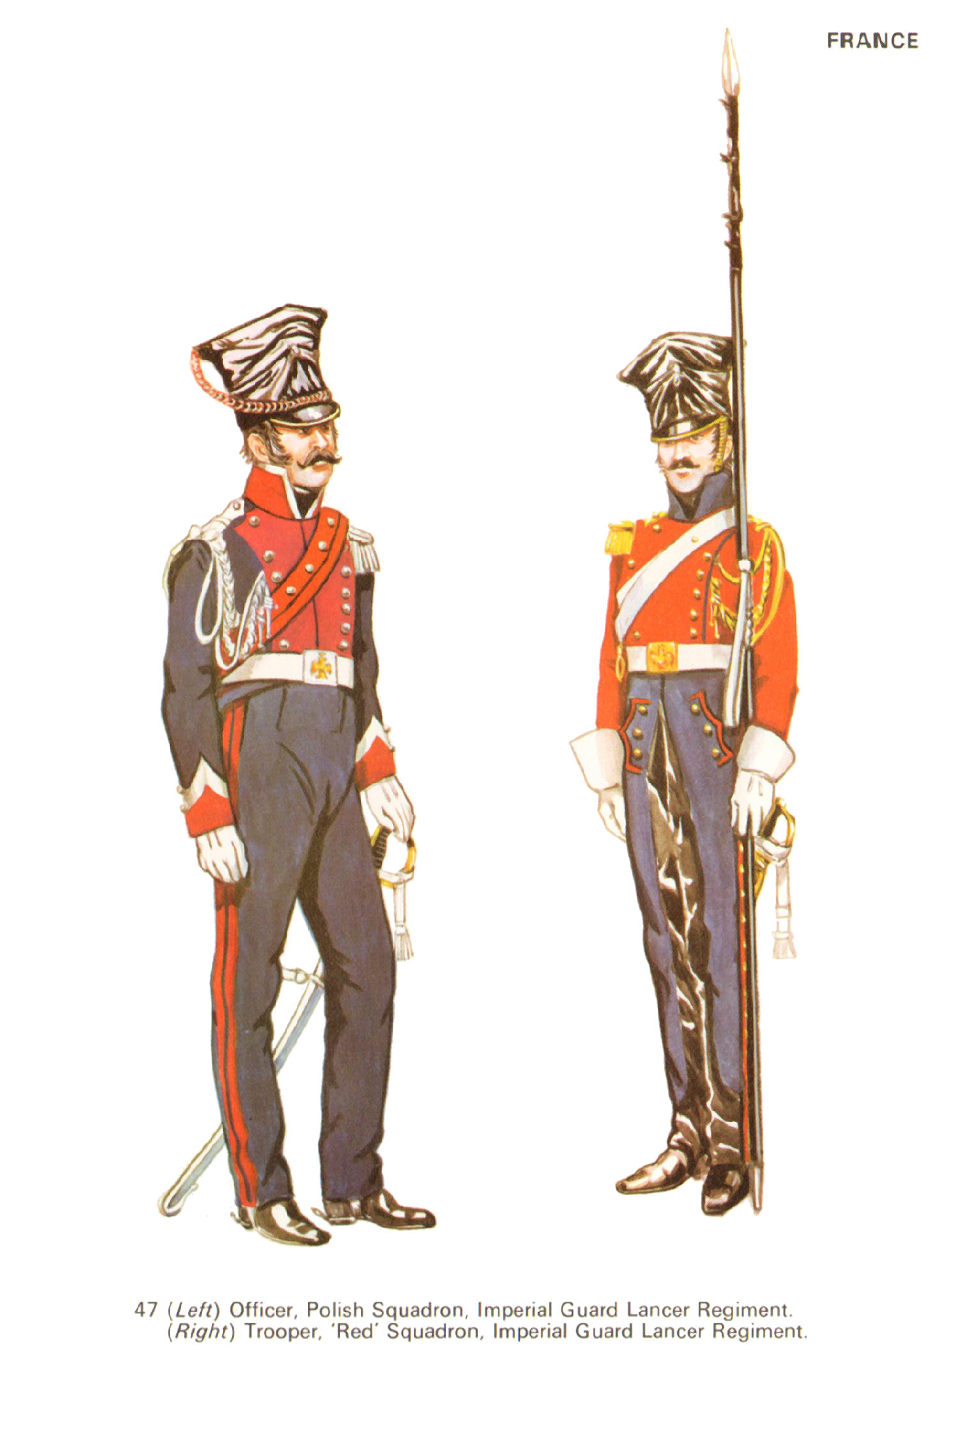 Ufficiale dei lancieri polacchi e lanciere rosso olandese della guardia imperiale francese